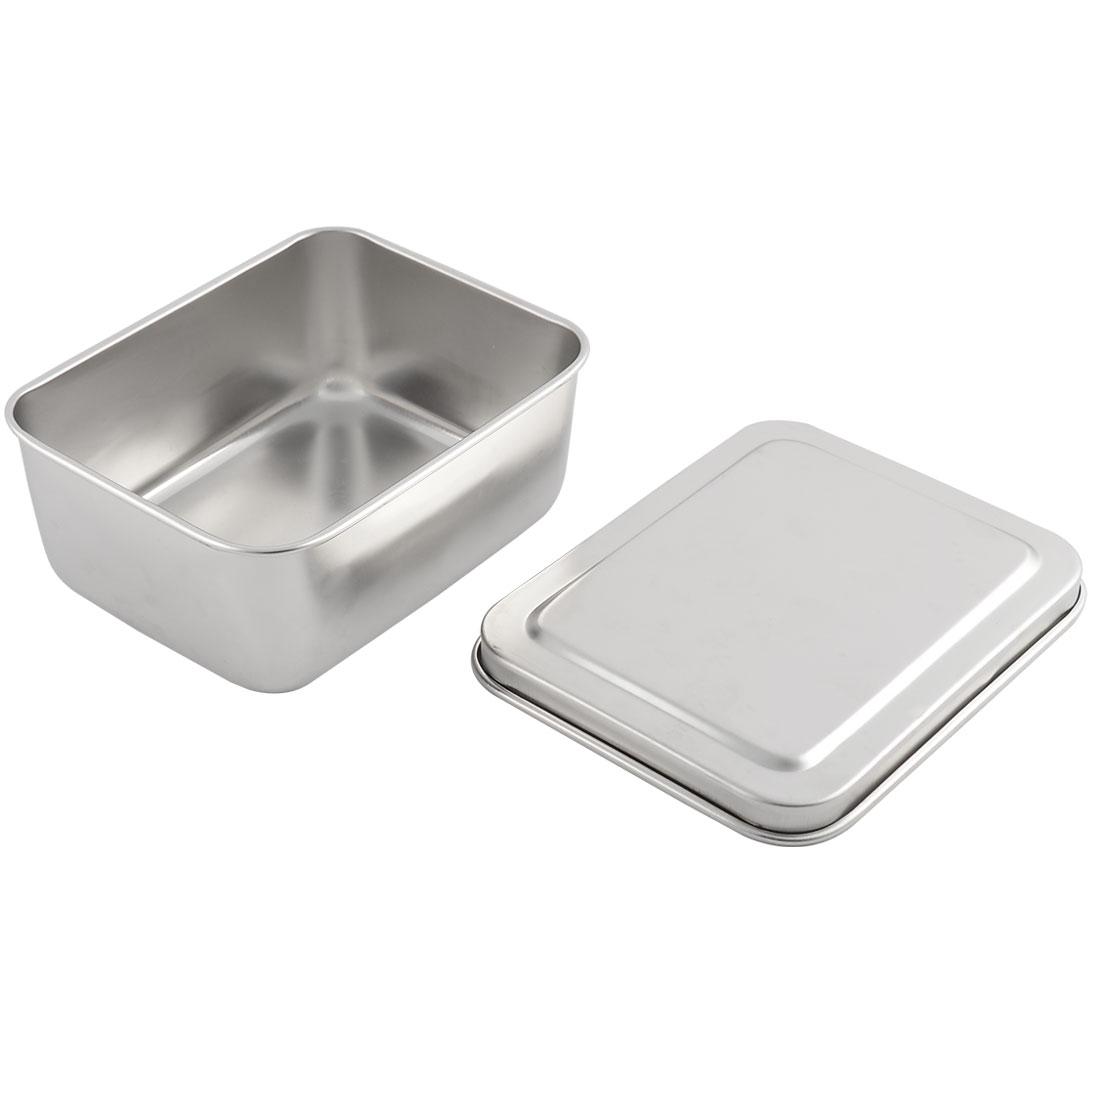 Kitchen Stainless Steel Salt Seasoning Condiment Storage Container Box Case Holder